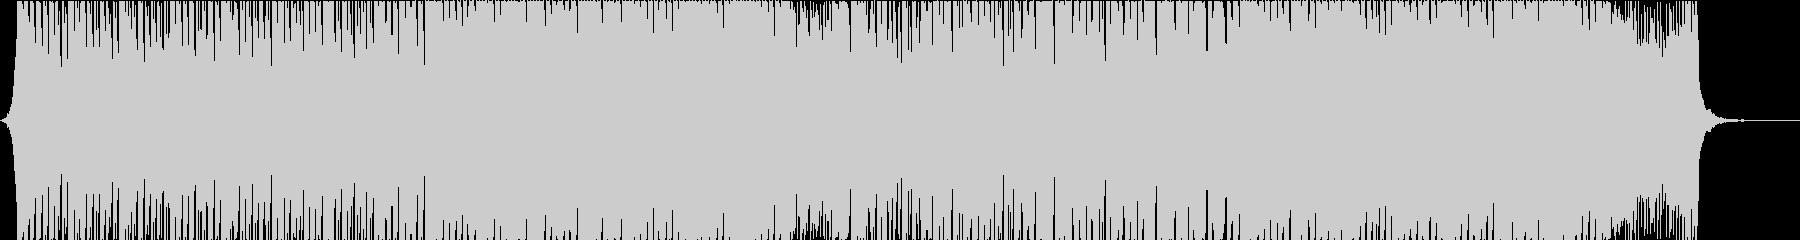 明るいハッピーな曲の未再生の波形